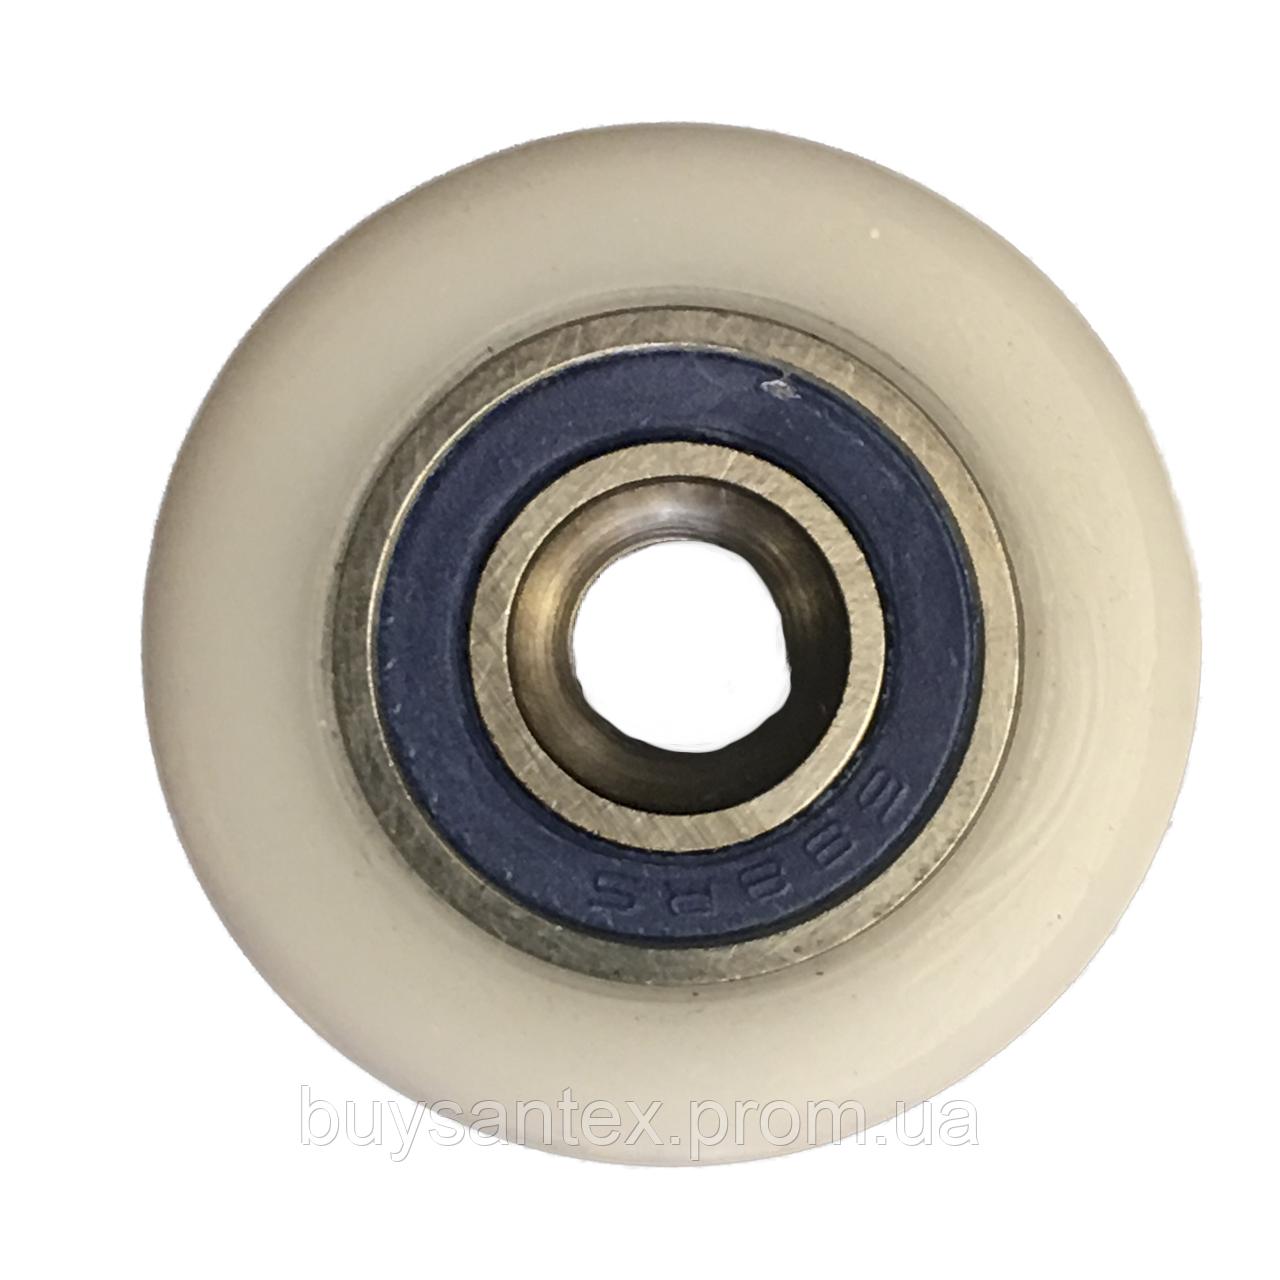 Сменное колесо для роликов душевых кабин, гидромассажных боксов диаметром 27 мм.